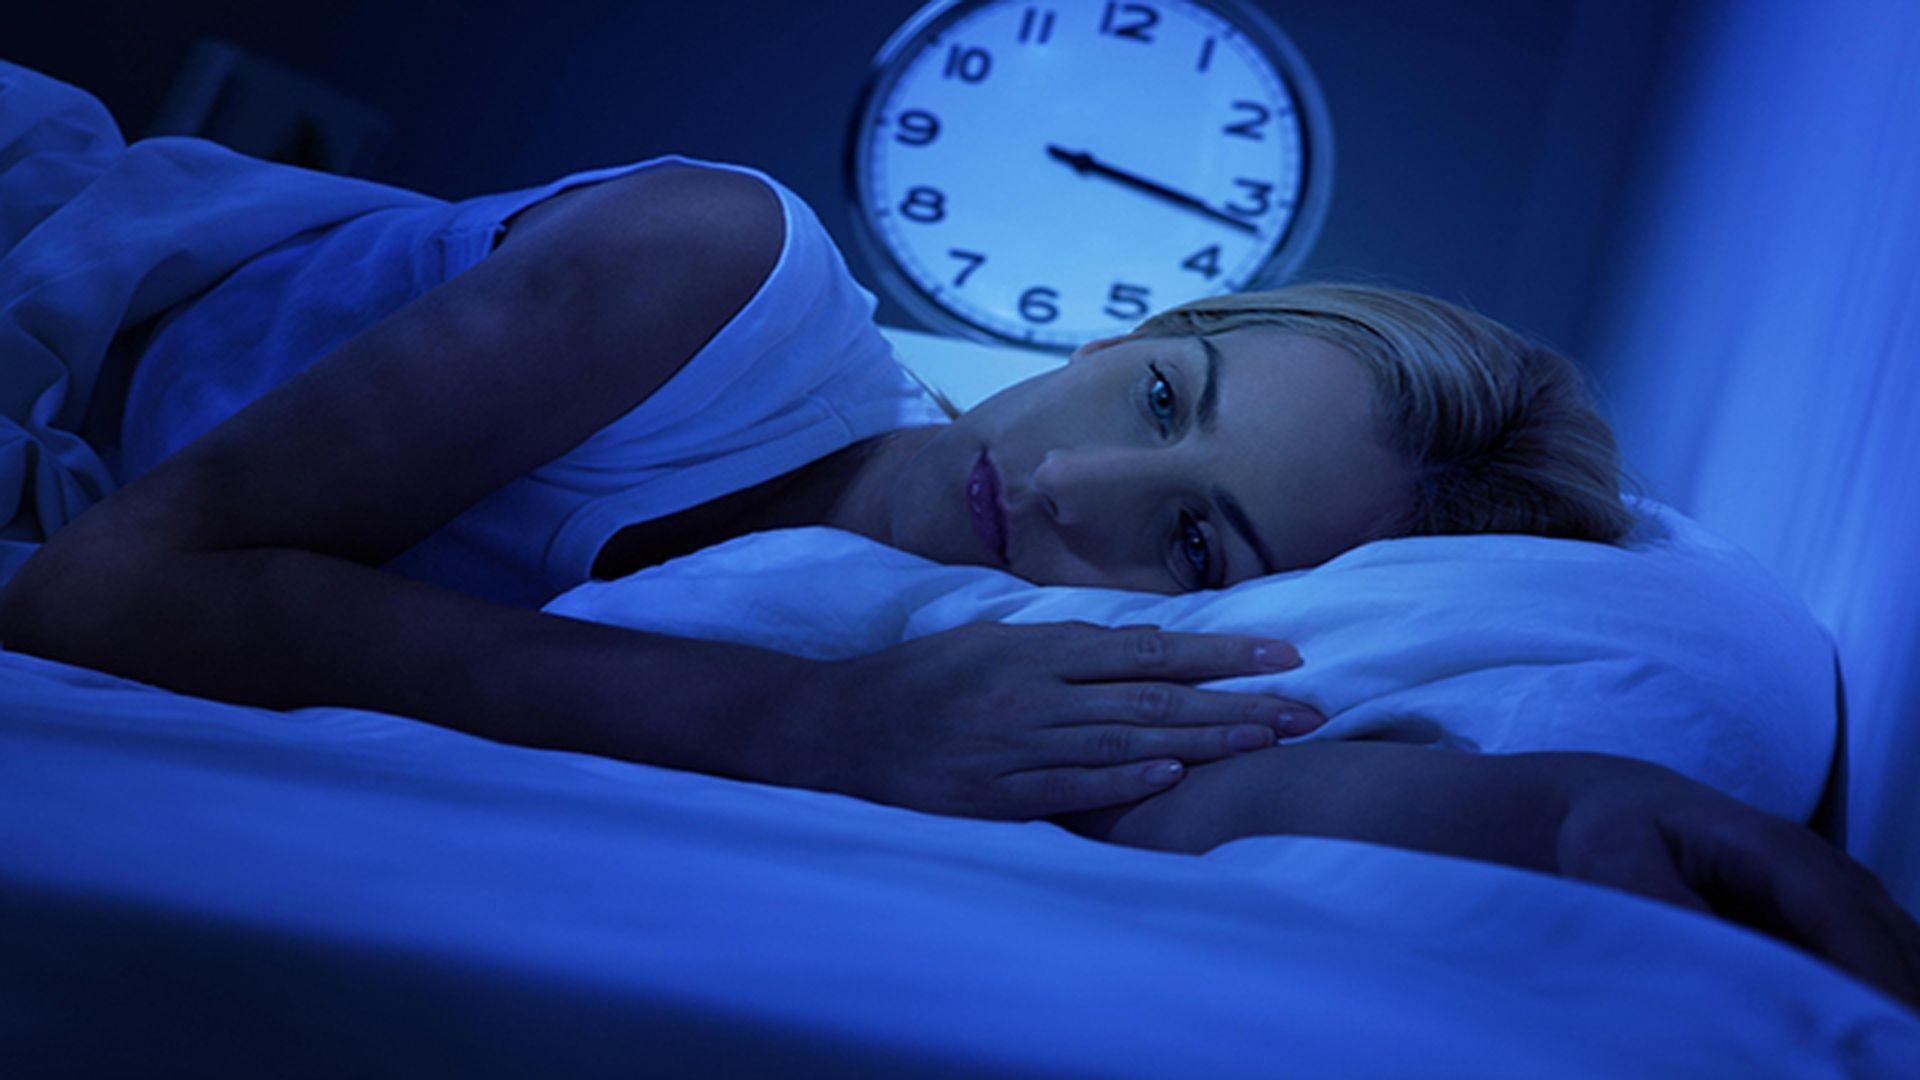 Temperatuur Slaapkamer Baby : Slaap je slecht pas de slaapkamertemperatuur aan